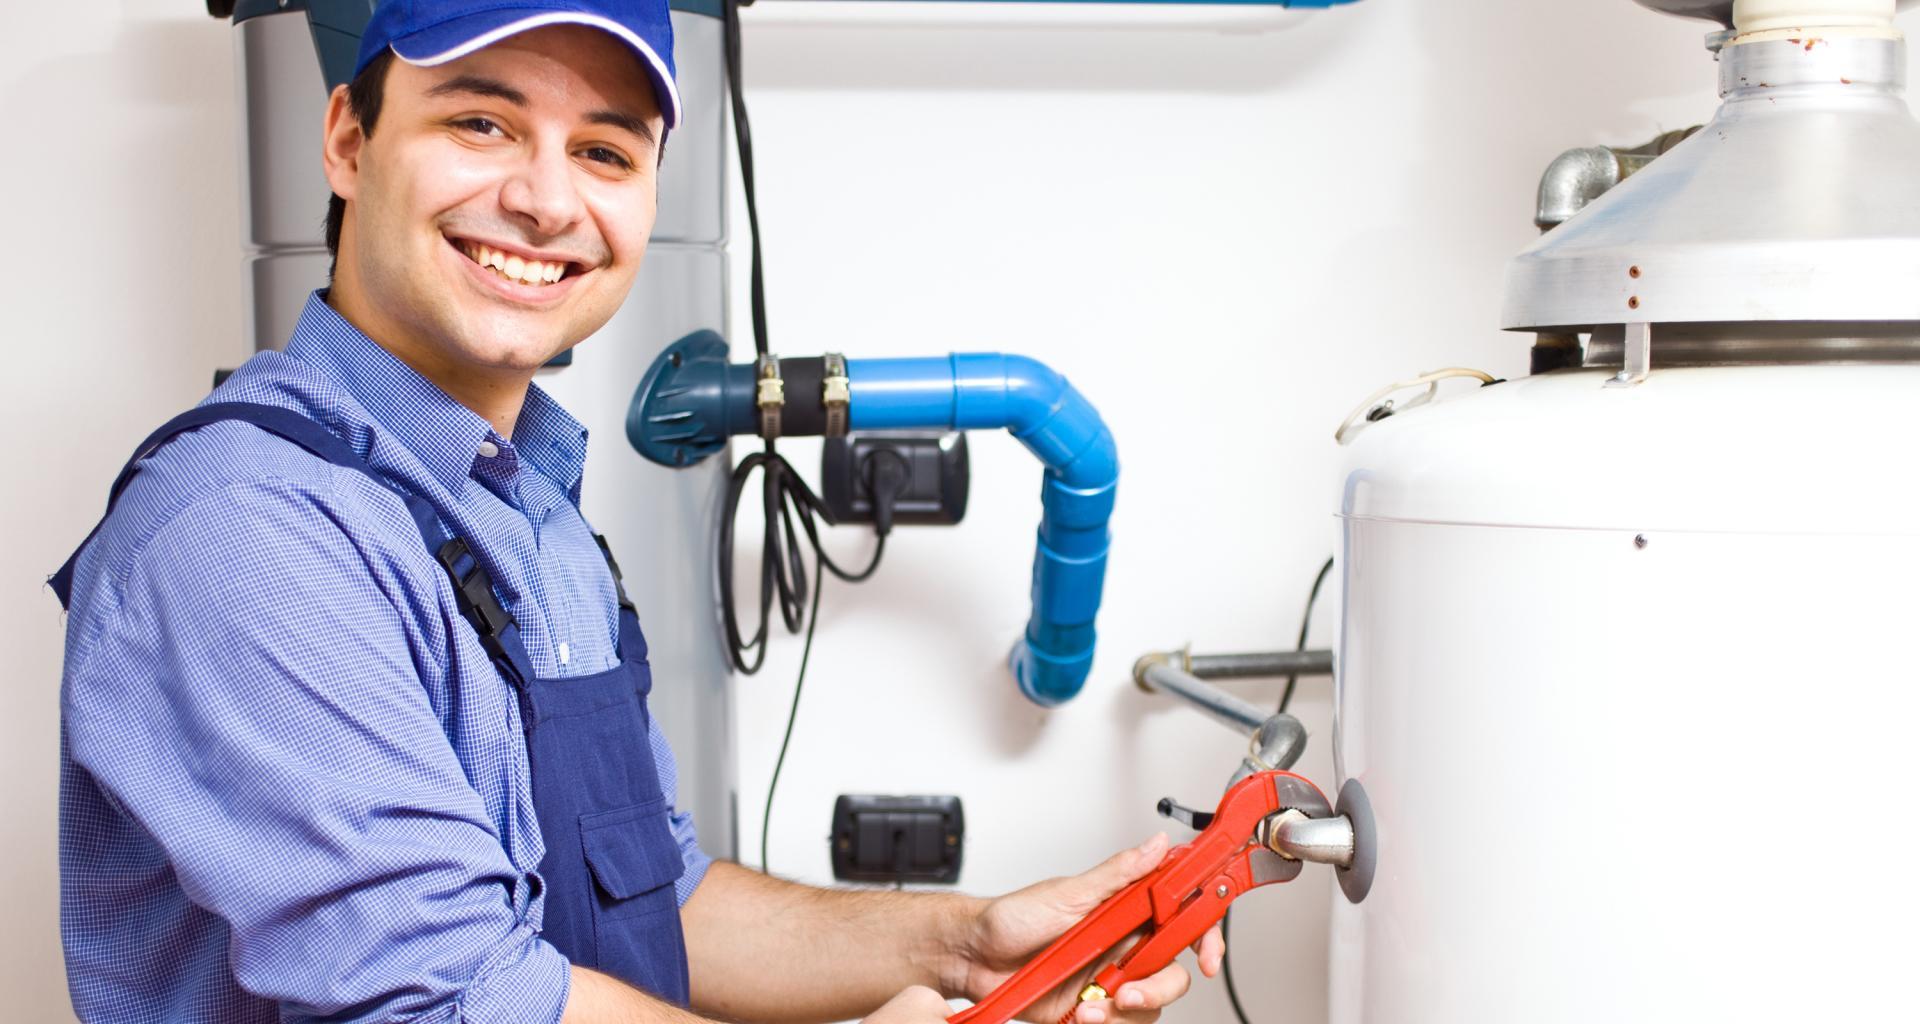 Plumbing service in Auckland